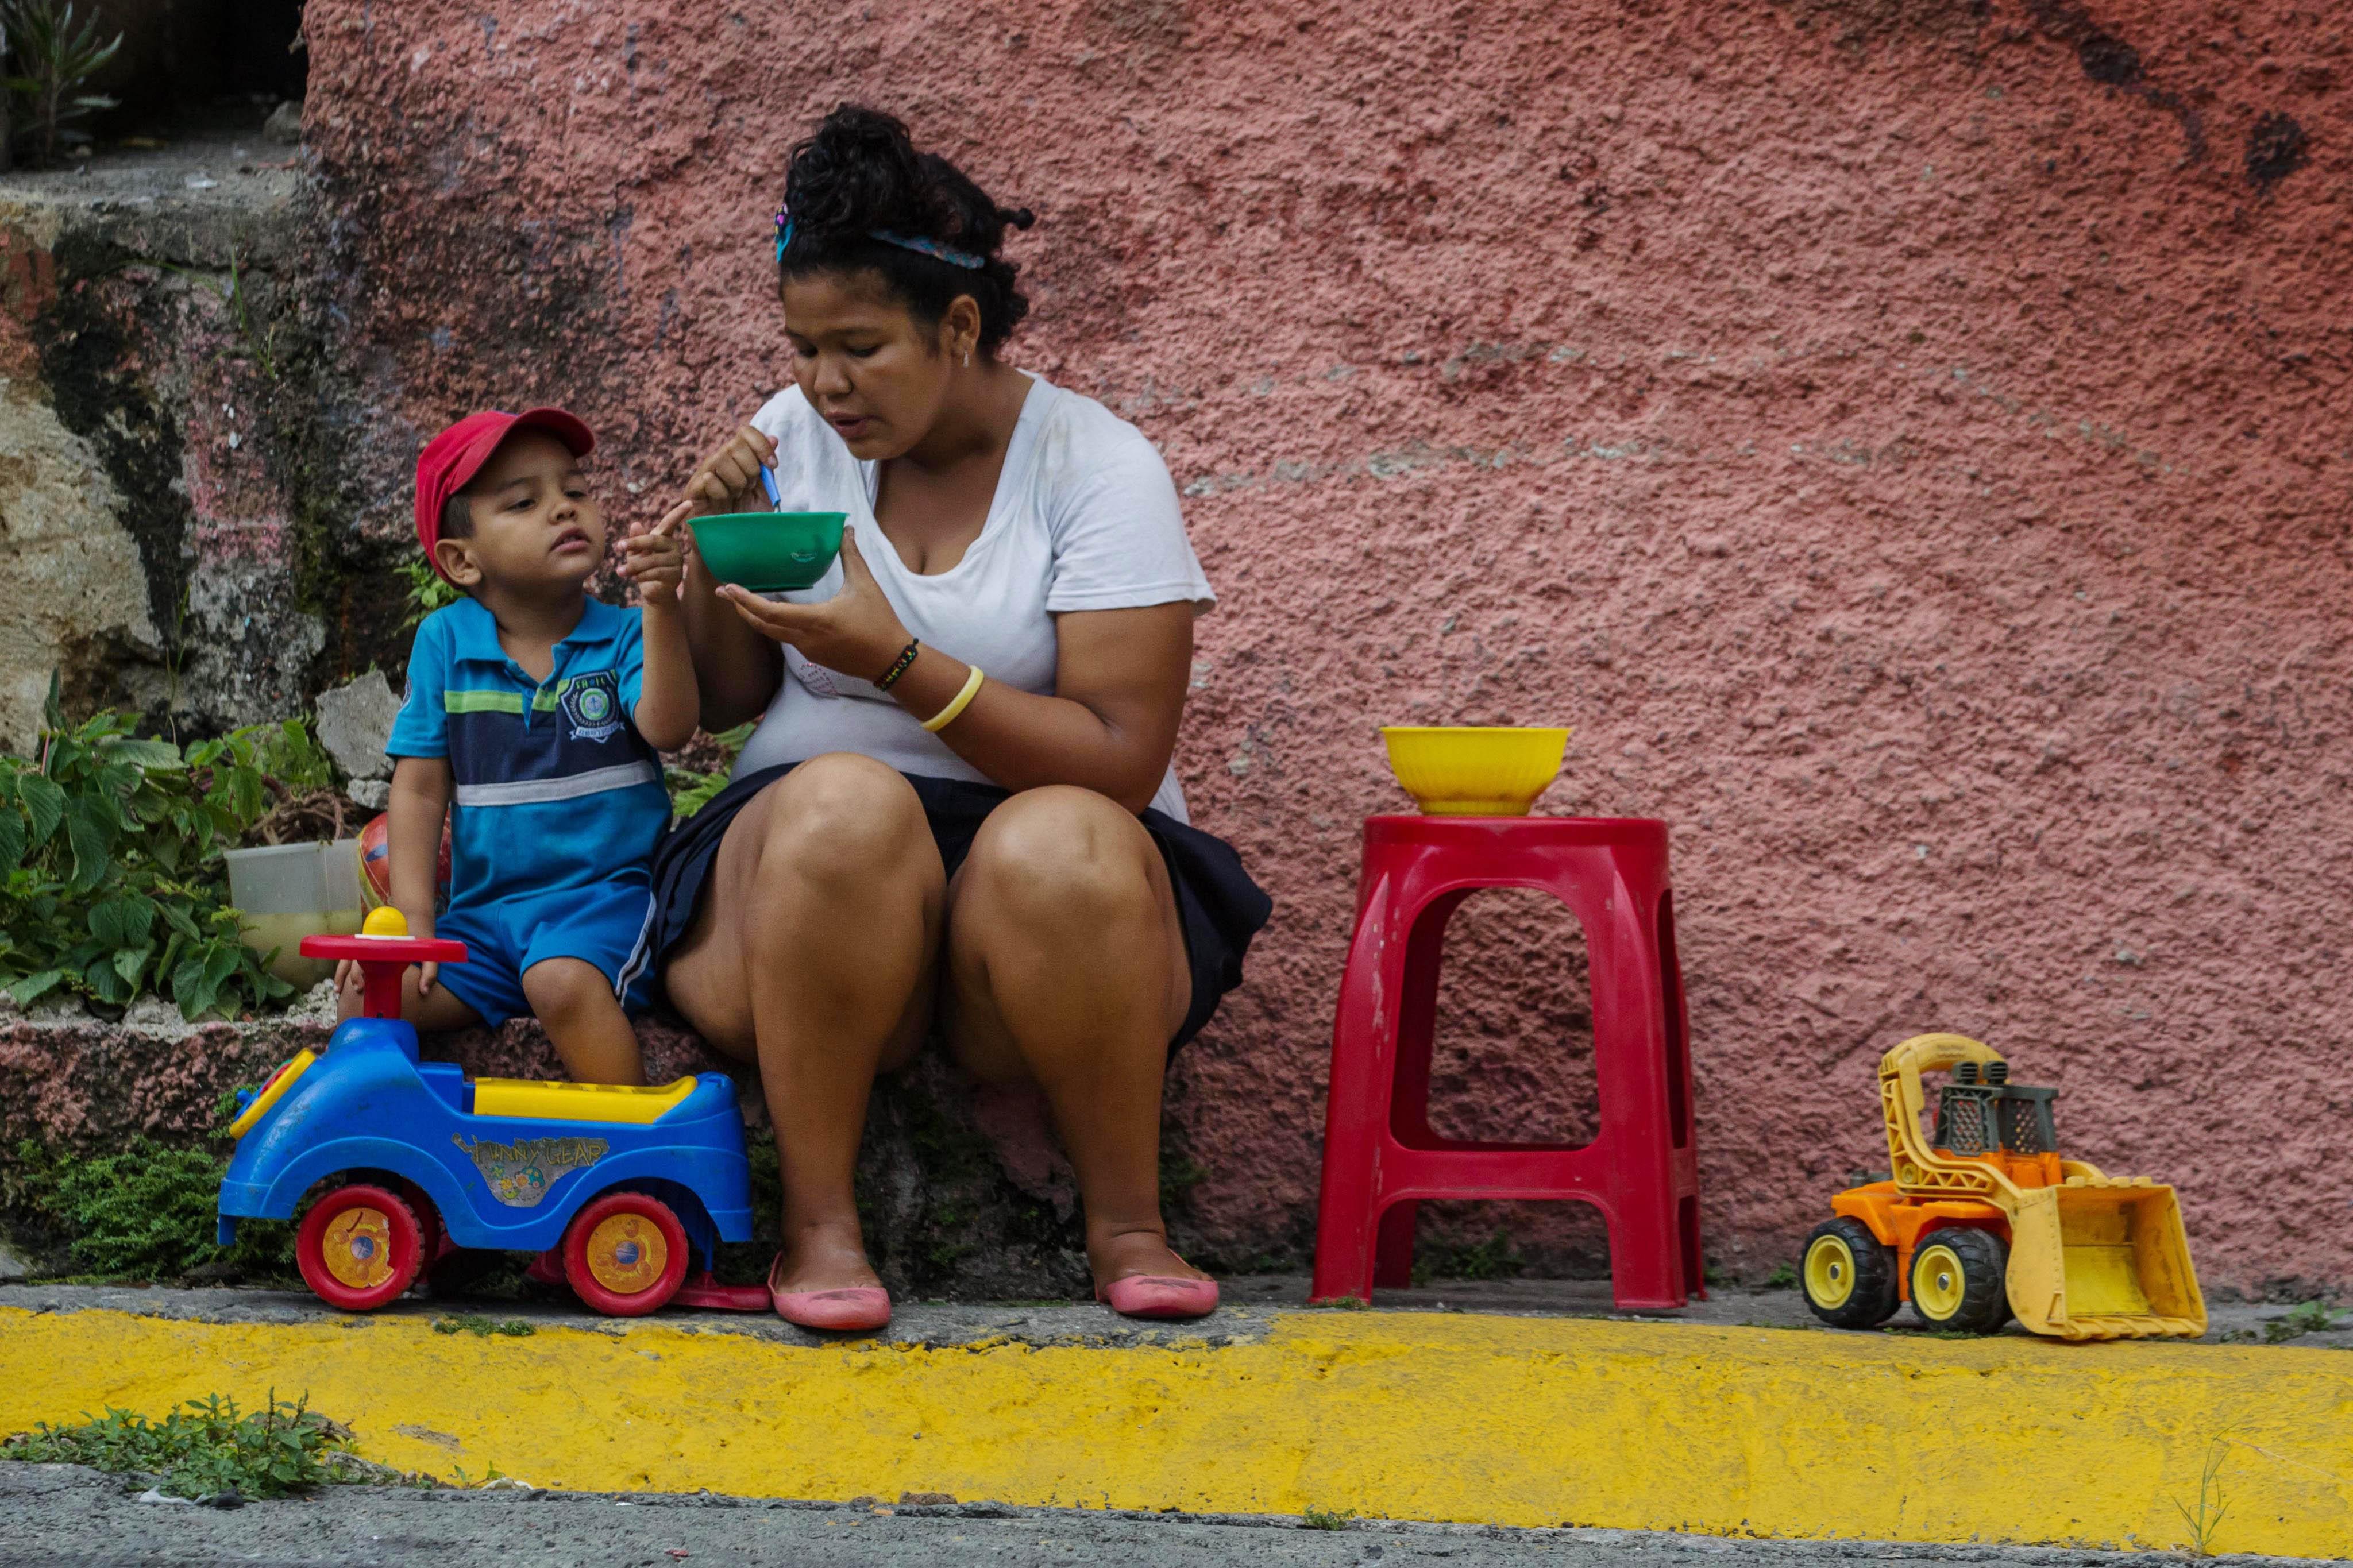 """CAR07. CARACAS (VENEZUELA), 10/09/2016.- Habitantes comen de un sancocho comunal hoy, s·bado 10 de septiembre del 2016, en la ciudad de Caracas (Venezuela). En el barrio la UniÛn, ubicado en la favela m·s grande de AmÈrica Latina asentada en el este de Caracas, se preparÛ hoy un gran """"sancocho"""" como se le conoce en Venezuela a la sopa cocinada con varios tipos de verduras y carnes, para alimentar a los vecinos, muchos de ellos con varios dÌas de hambre. EFE/MIGUEL GUTI…RREZ"""